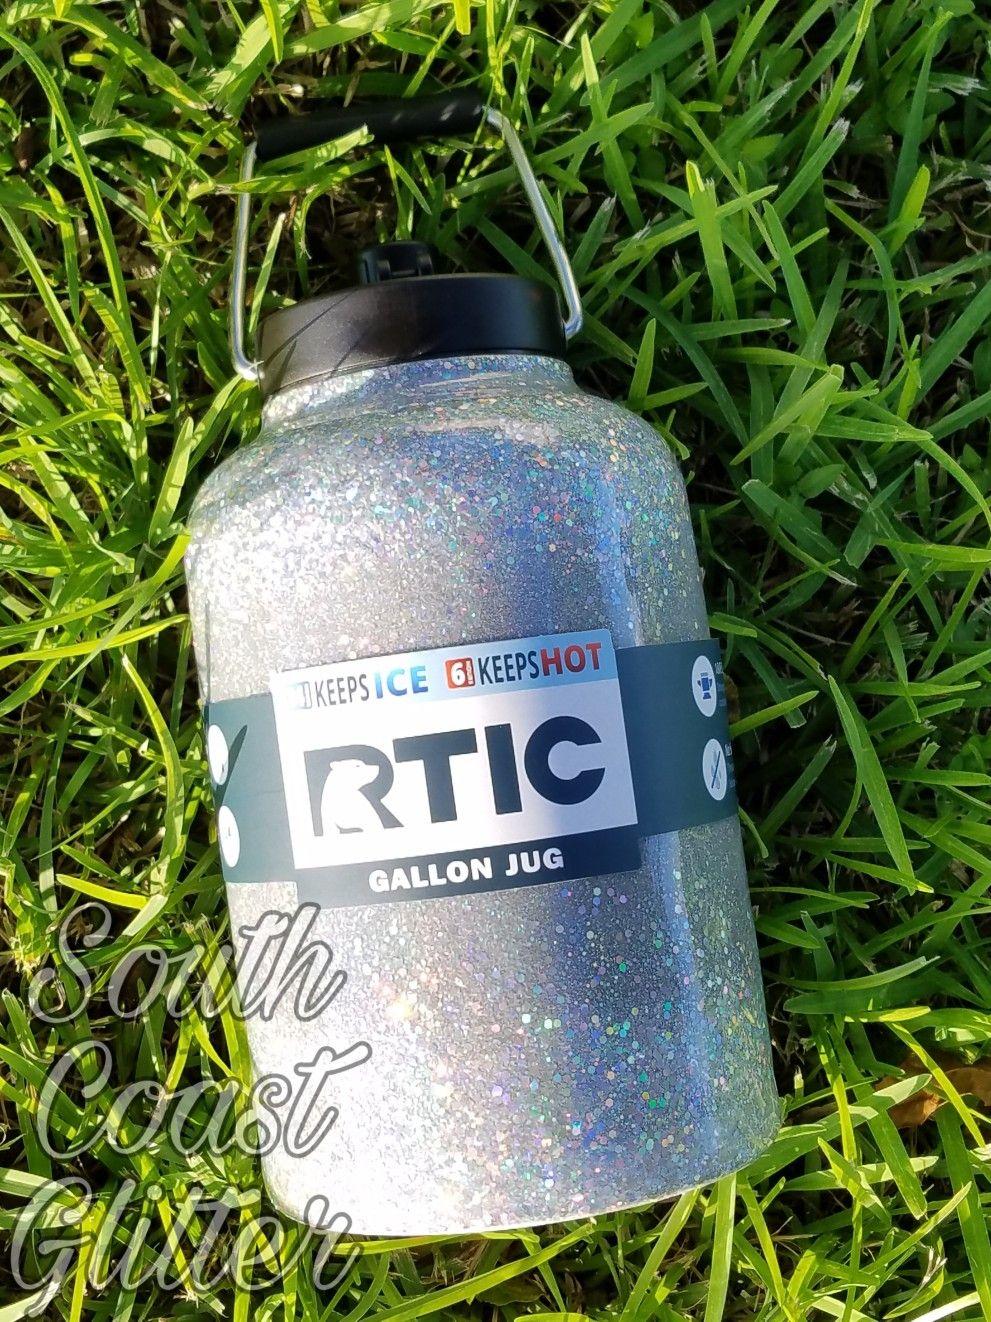 Glitter Rtic Gallon Jug Rtic Gallon Glitter Cups